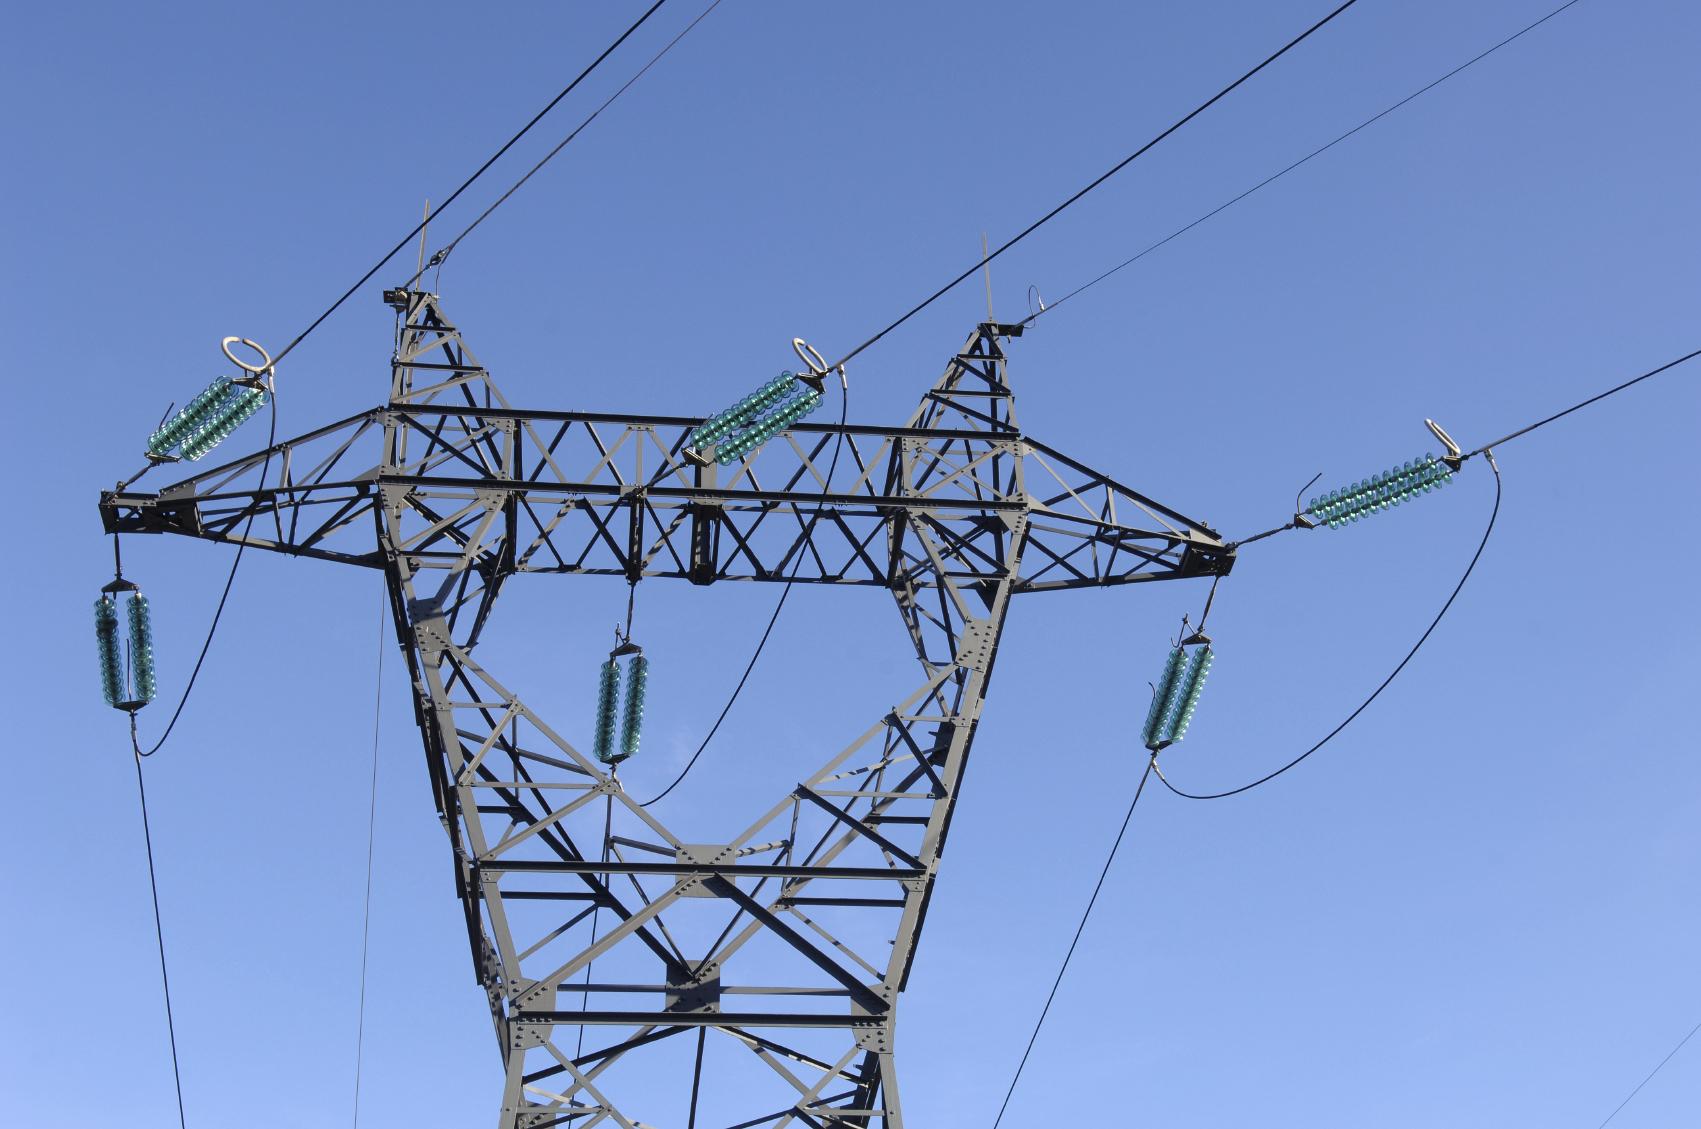 câble haute tension_iStock_000005213984Medium_achat 18Mars08